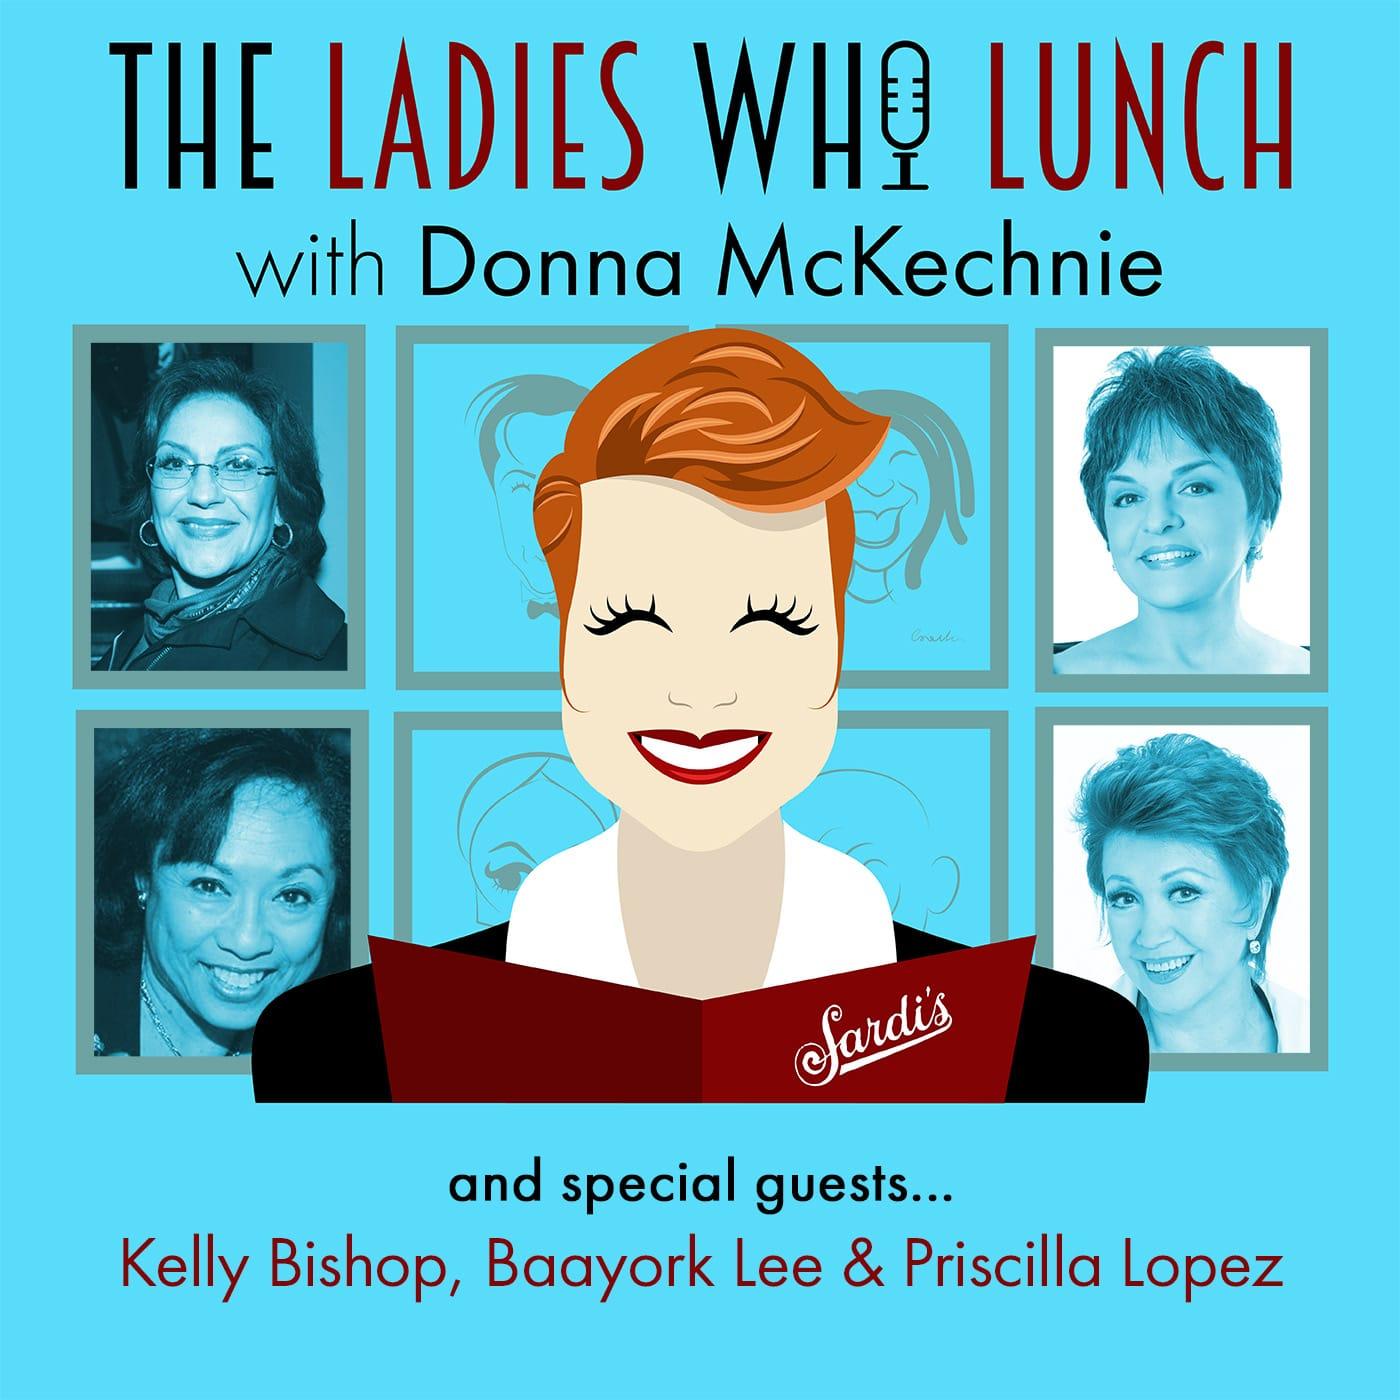 Donna McKechnie Hosts The Ladies Who Lunch Ep 1 Kelly Bishop, Baayork Lee, & Priscilla Lopez